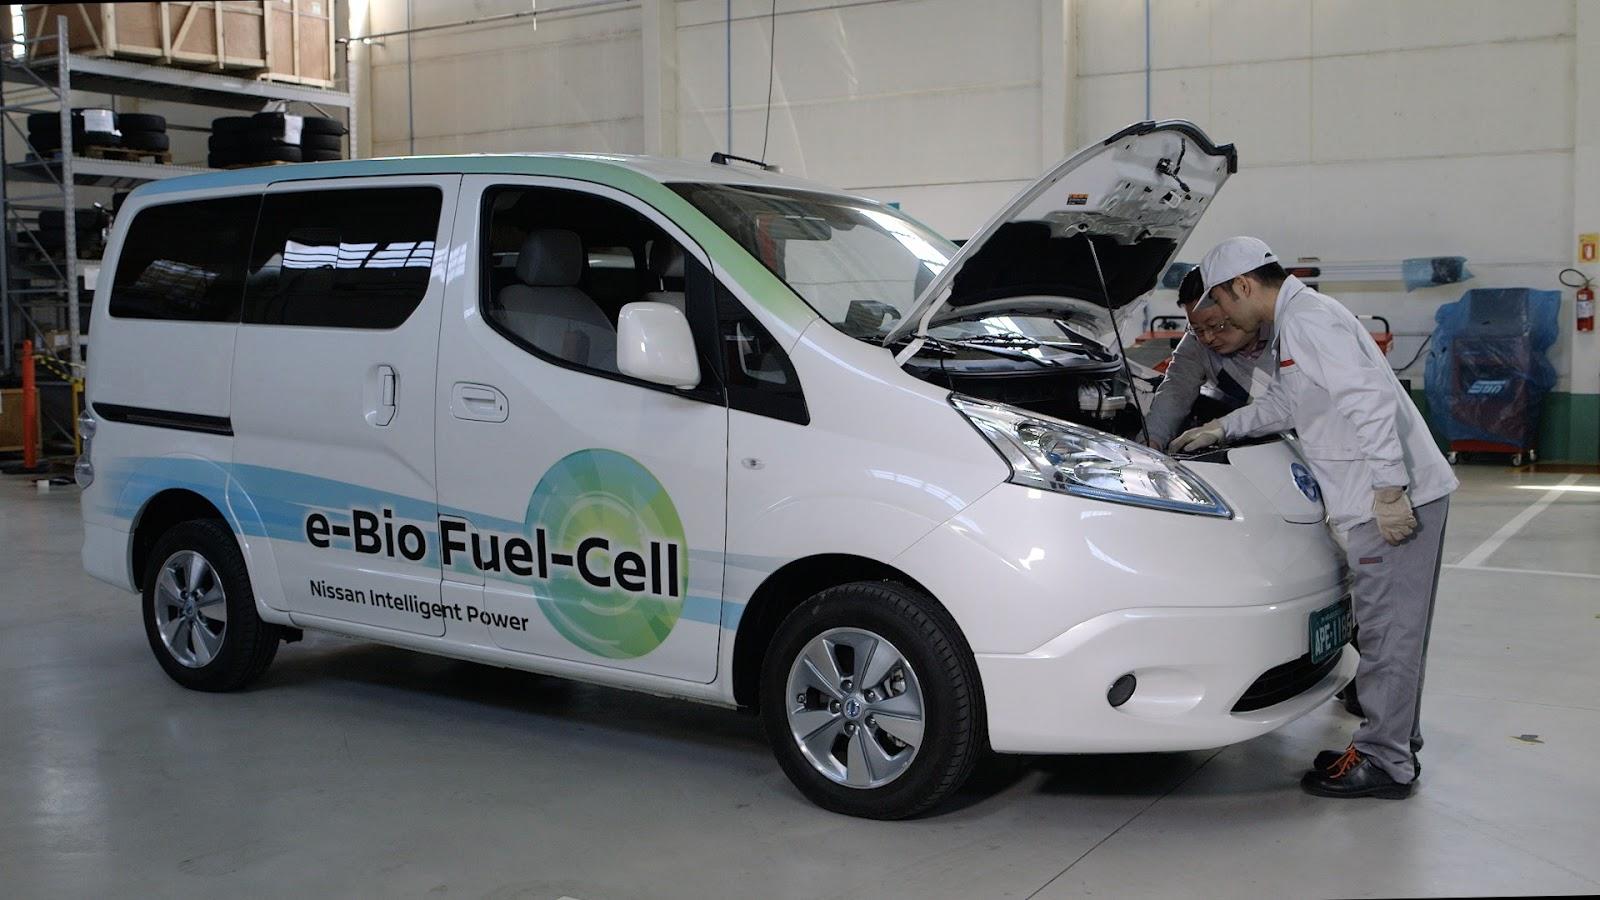 Η Nissan αποκαλύπτει το πρώτο όχημα στον κόσμο με τεχνολογία ενεργειακών κυψελών SOFC και αυτονομία 600 και πλέον χιλιομέτρων